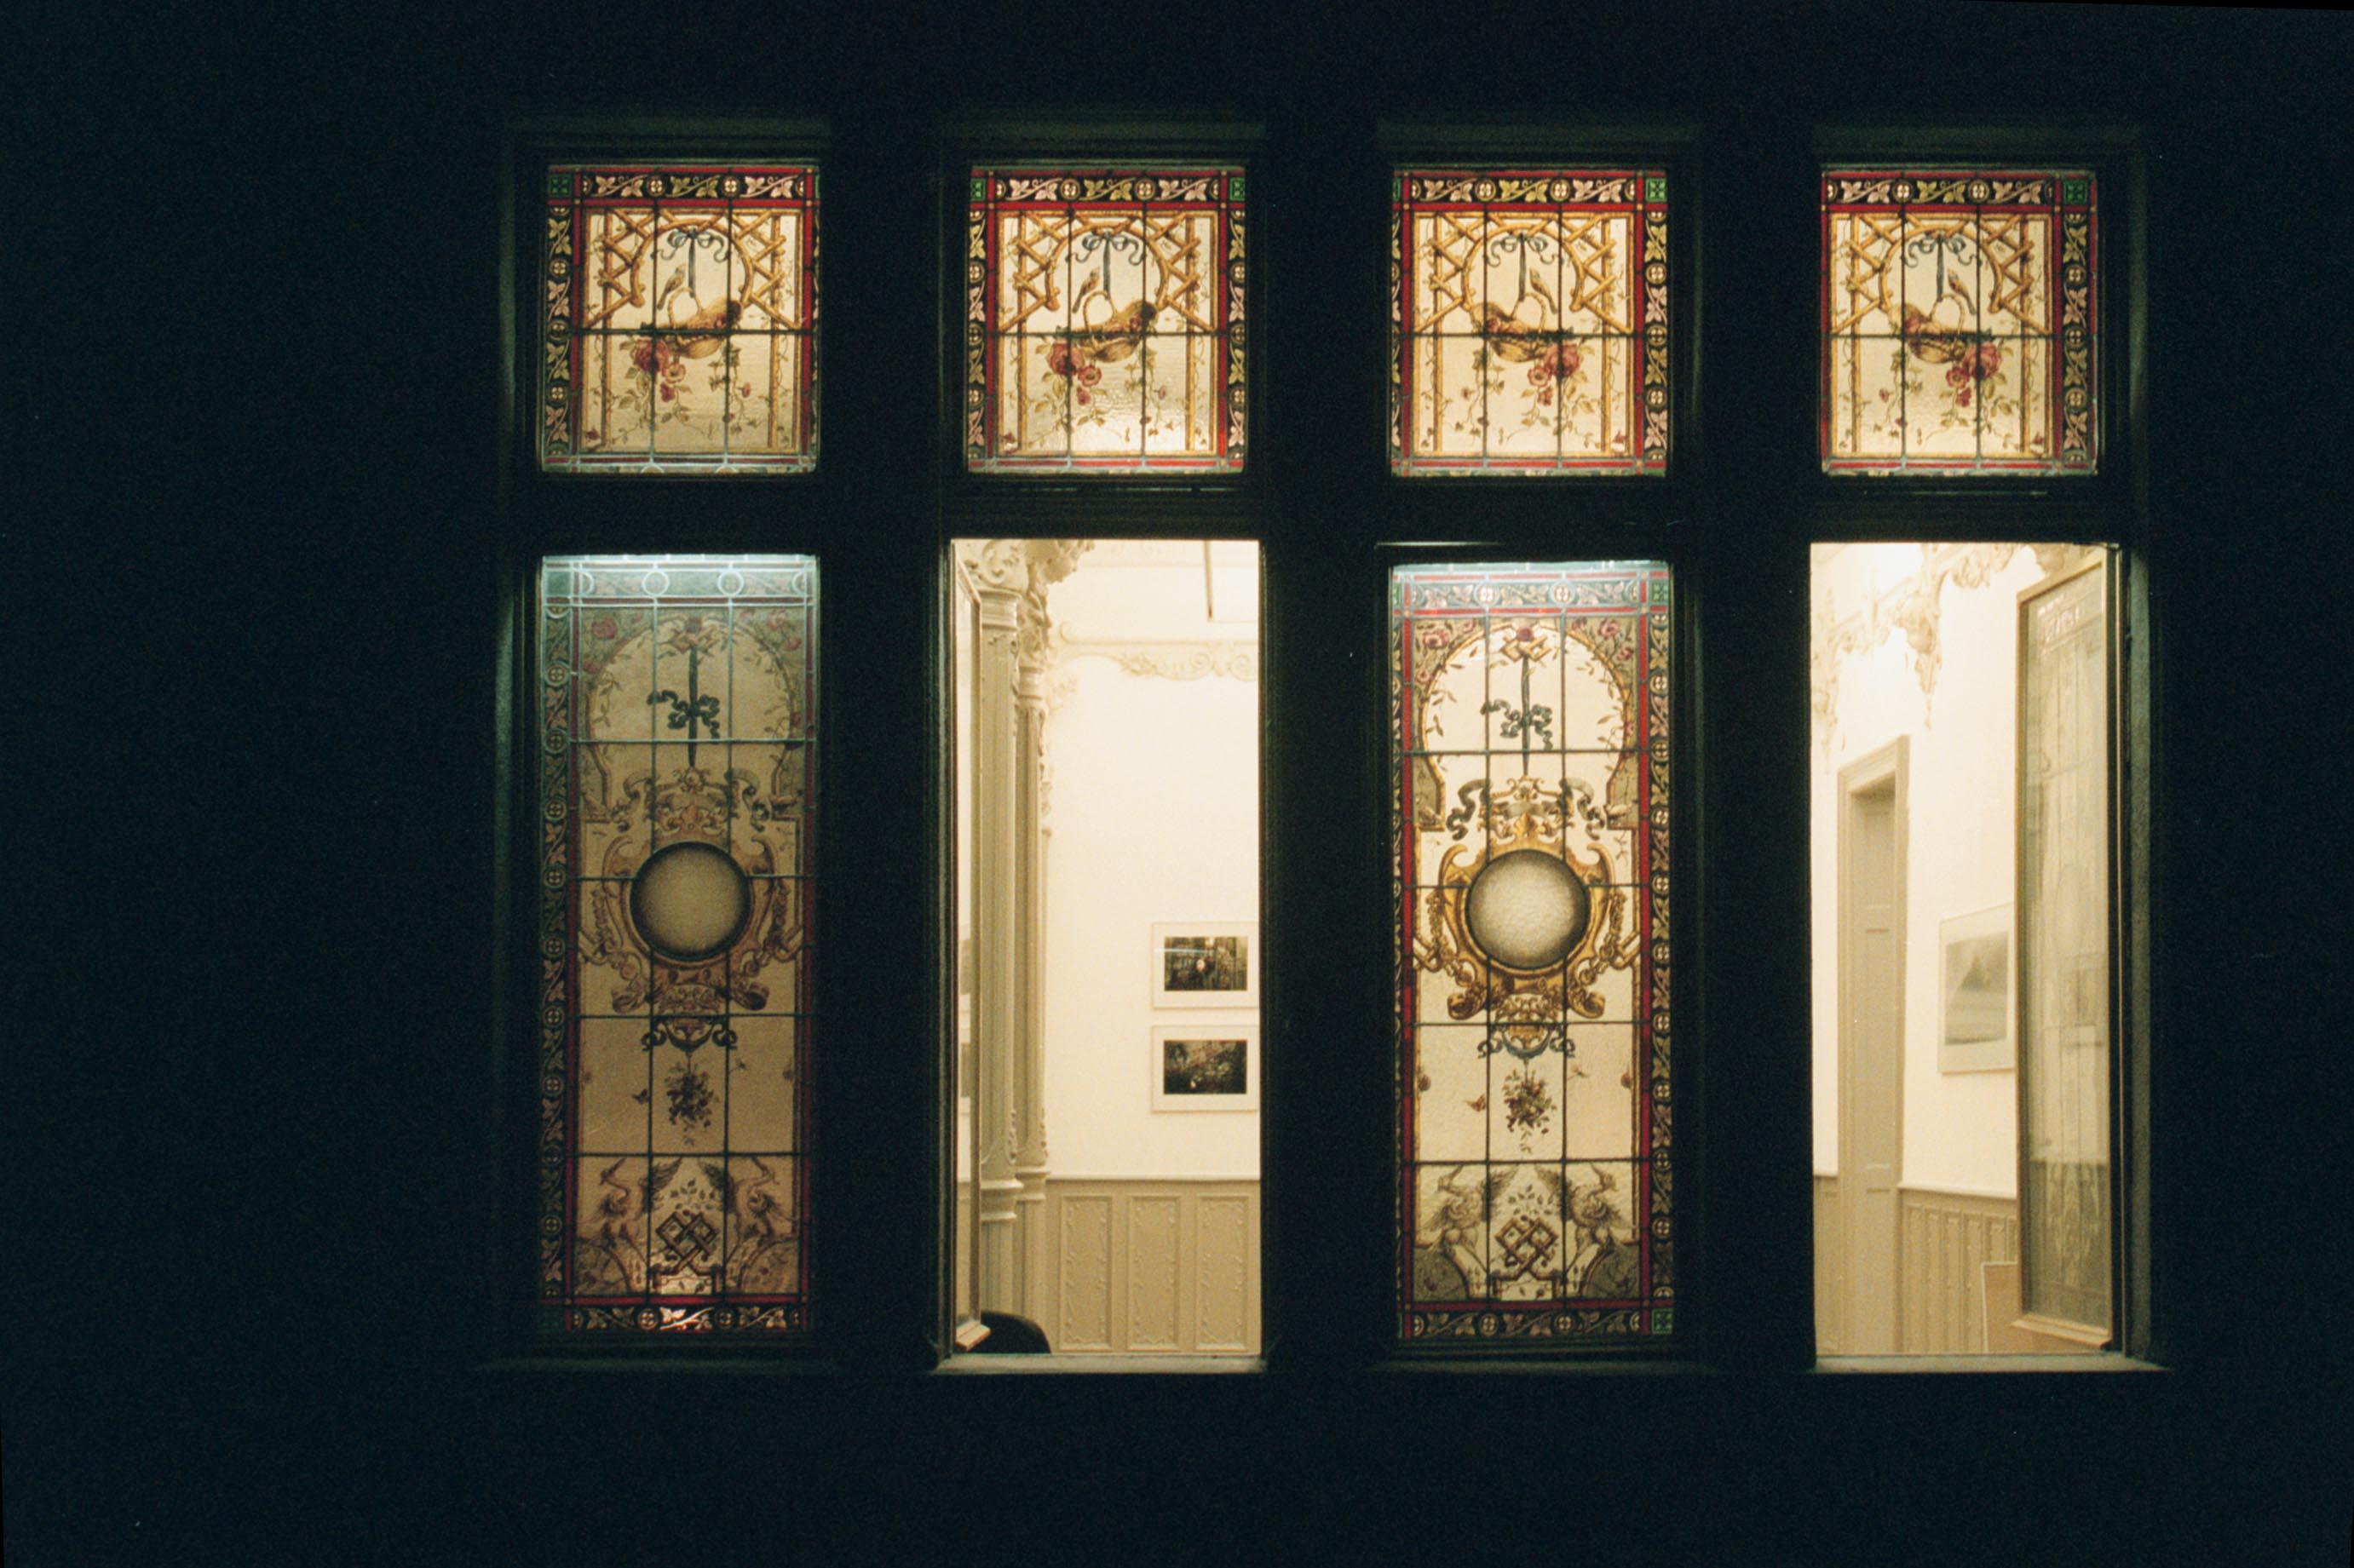 A 2. emeleti Róth Miksa ablakok, 1990-es évek vége<br />Fotó: Bánkuti András